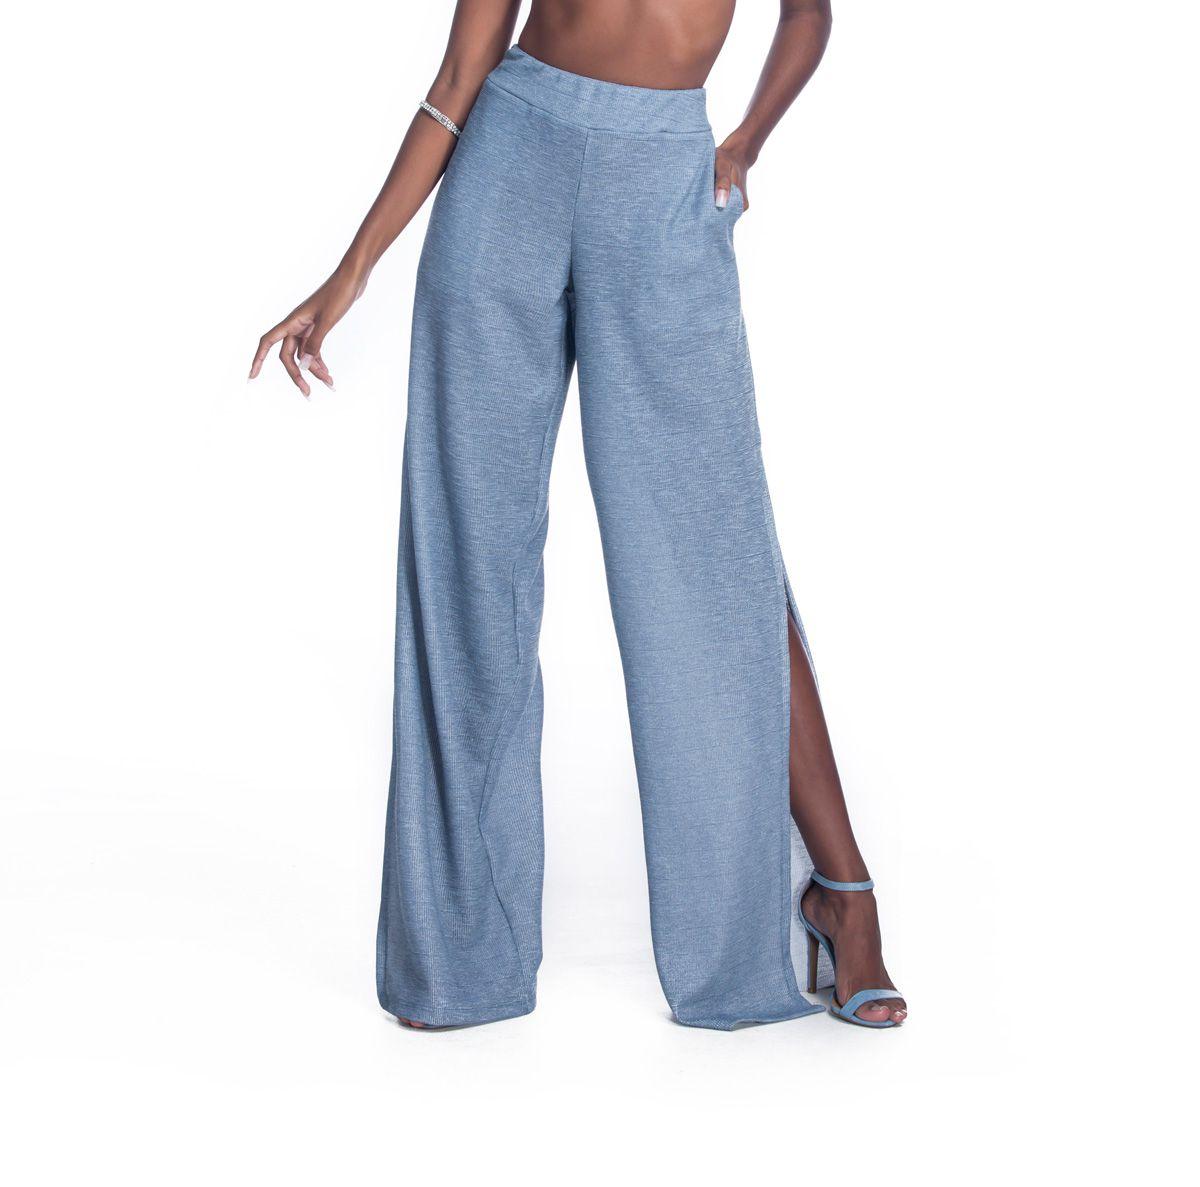 Calça Pantalona Fendas Azul Petróleo   - RMCE BRAZIL